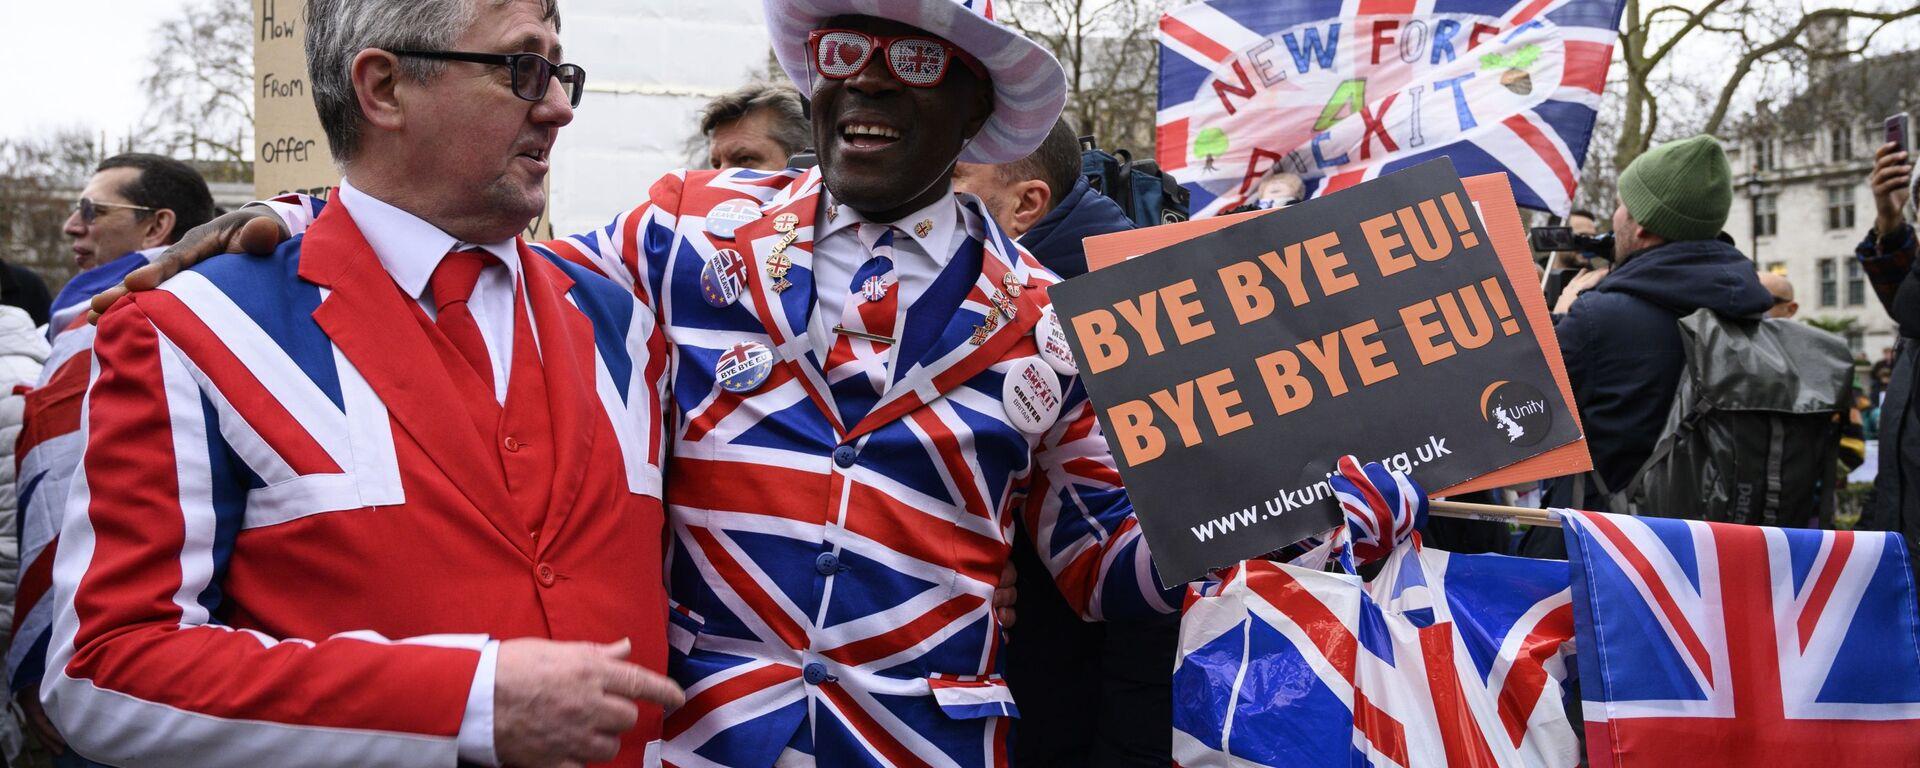 Великобритания вышла из ЕС - Sputnik Latvija, 1920, 03.02.2020